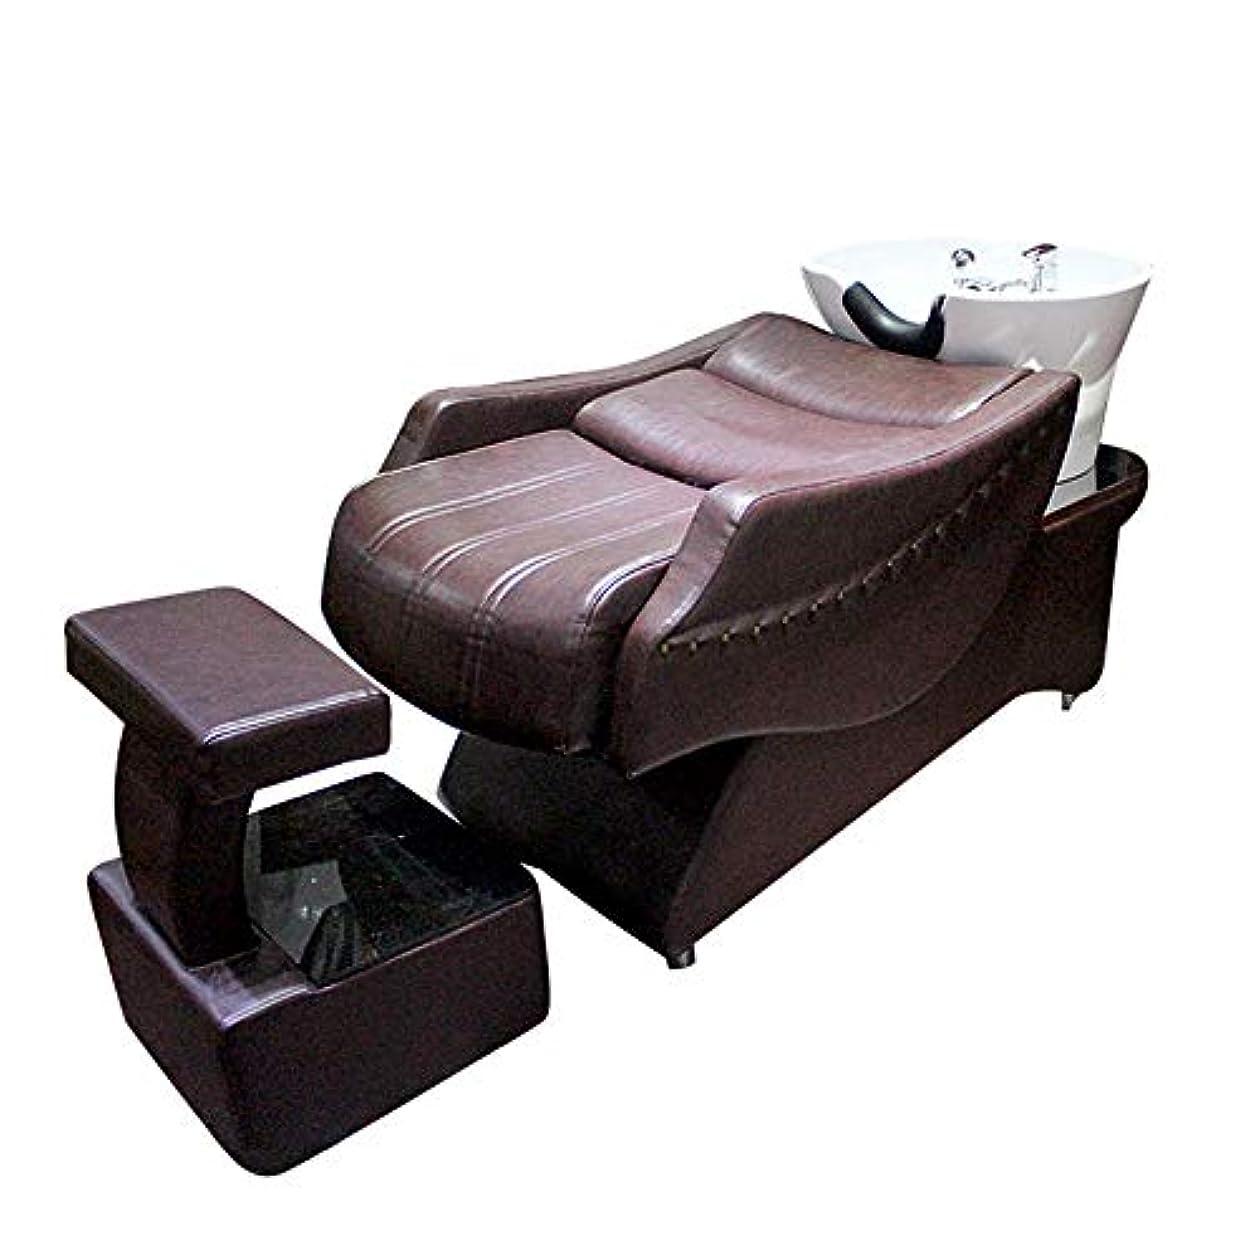 起きろ半径支店シャンプーチェア、半横になっているシャンプーベッドの逆洗ユニットシャンプーボウル理髪シンクシンクチェア用スパ美容院機器